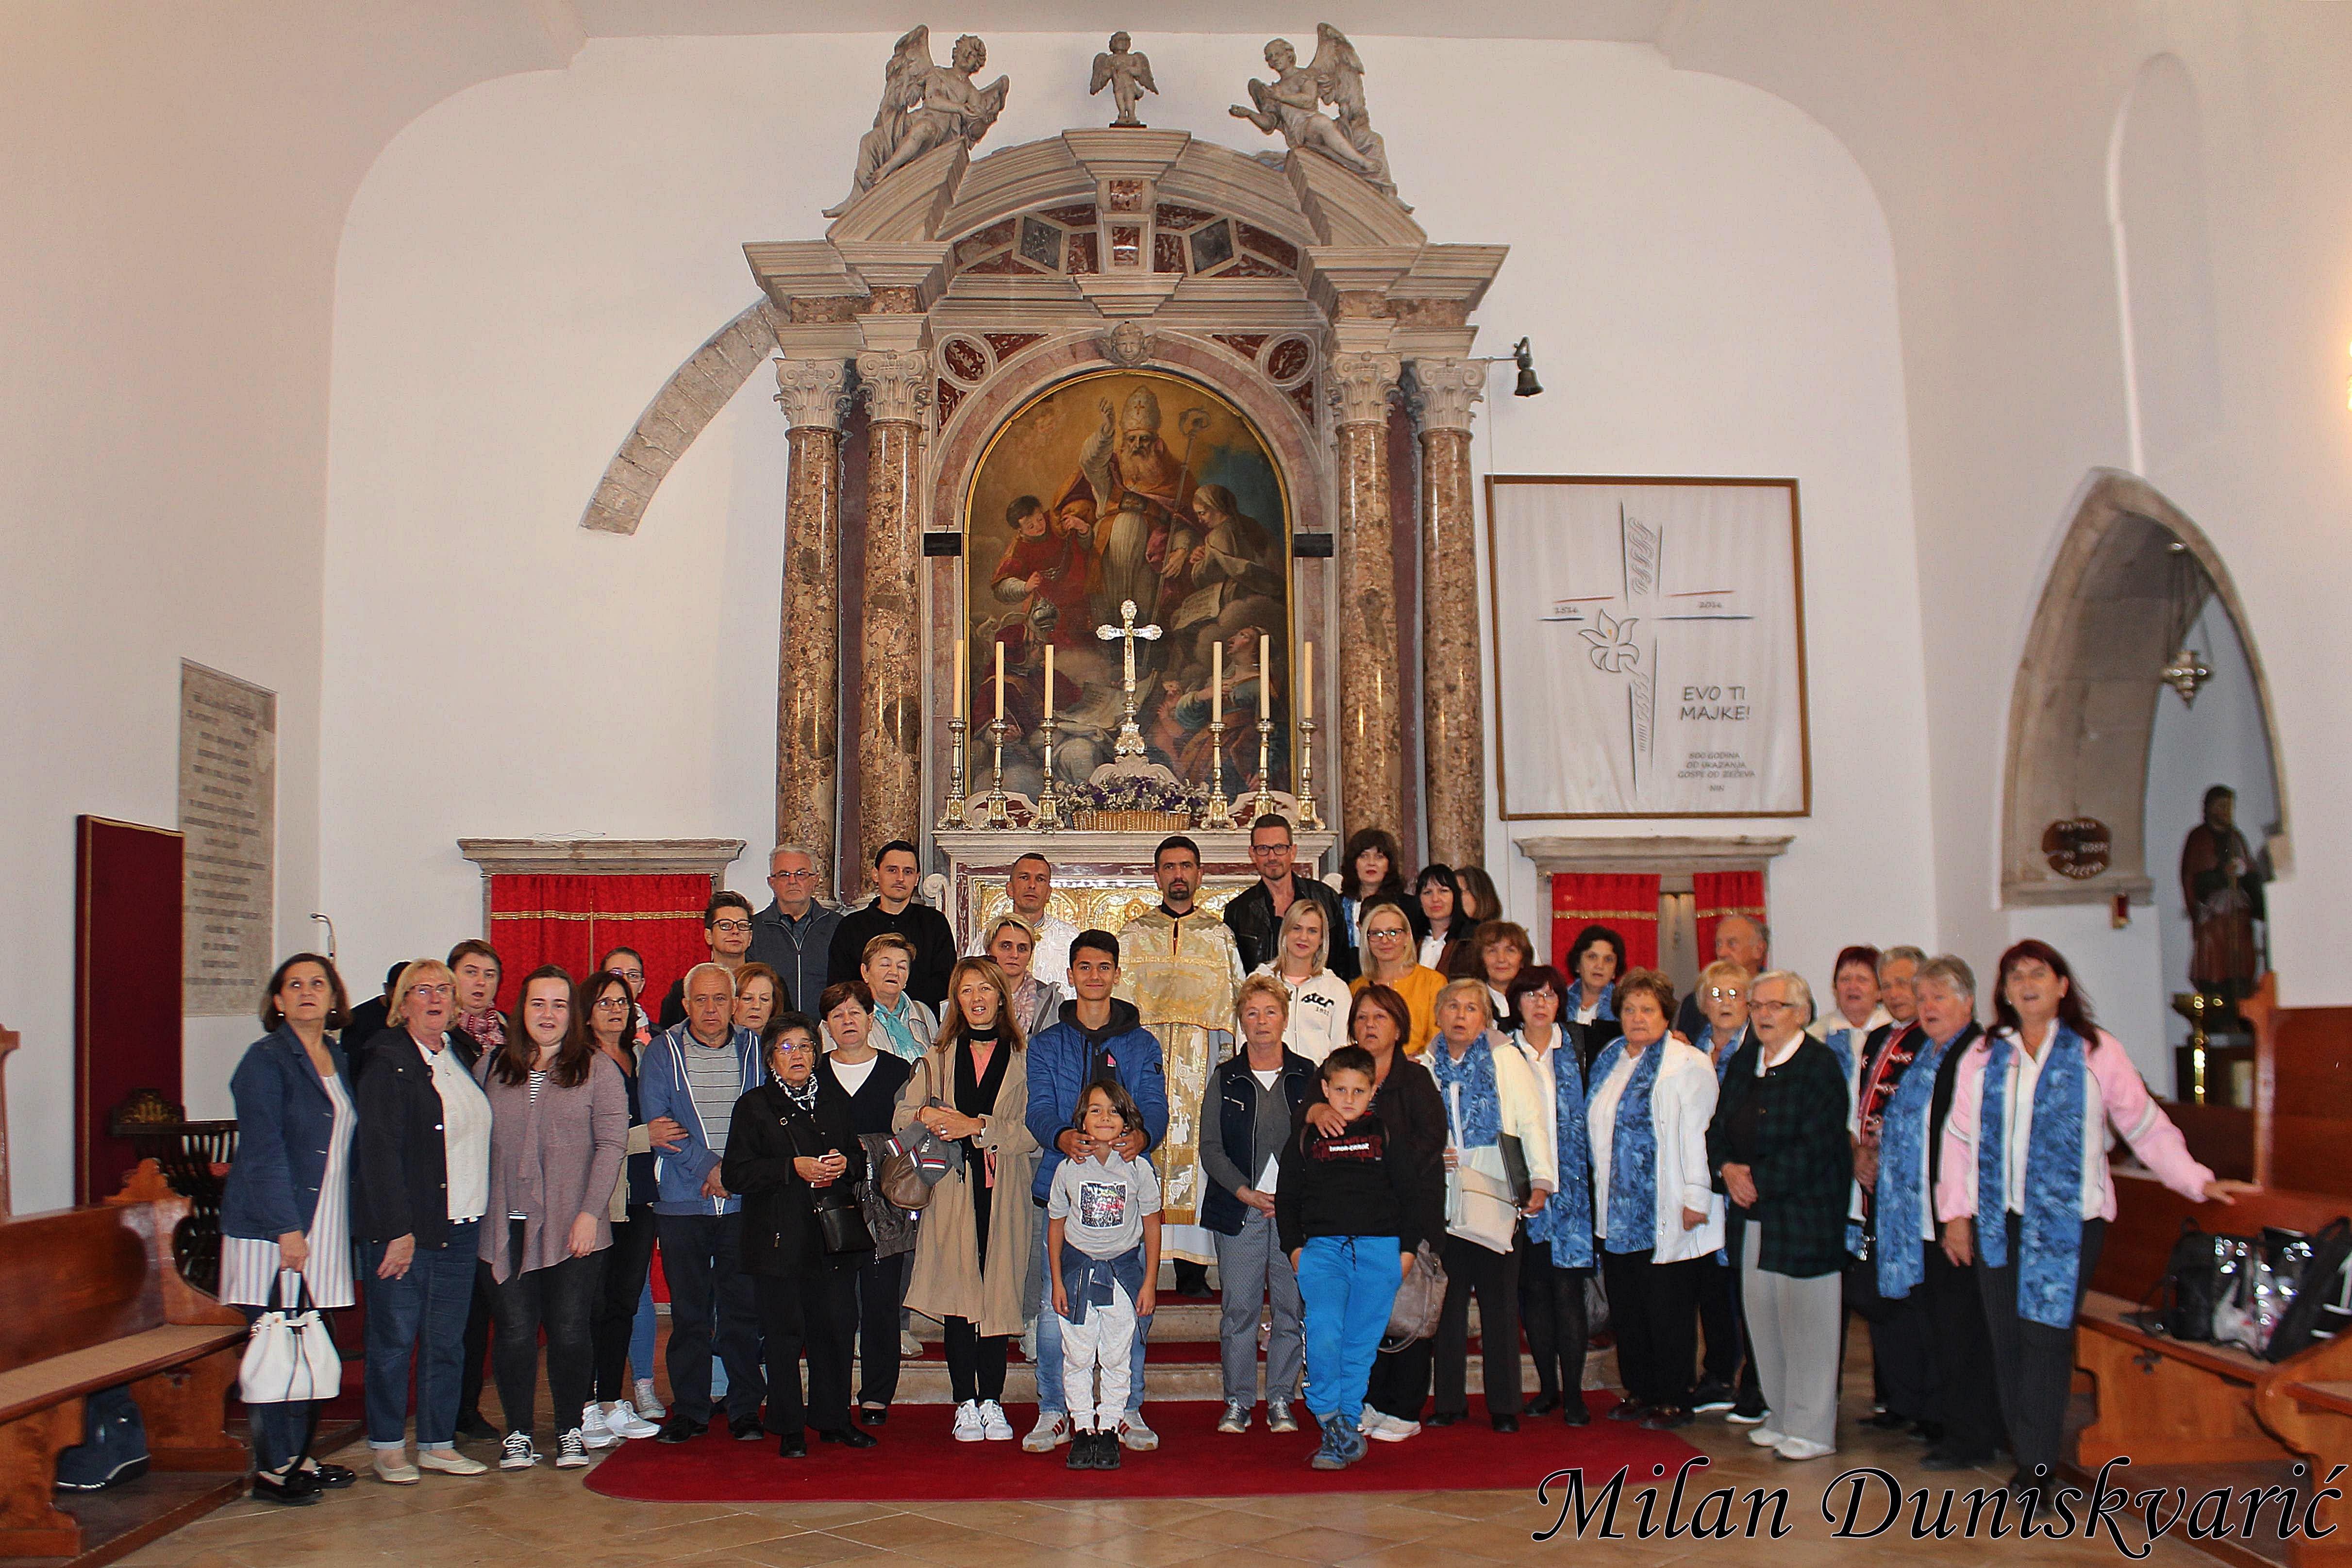 Grkokatolici Hrvati u Ninu svetom liturgijom obilježili spomen na Branimirovu godinu